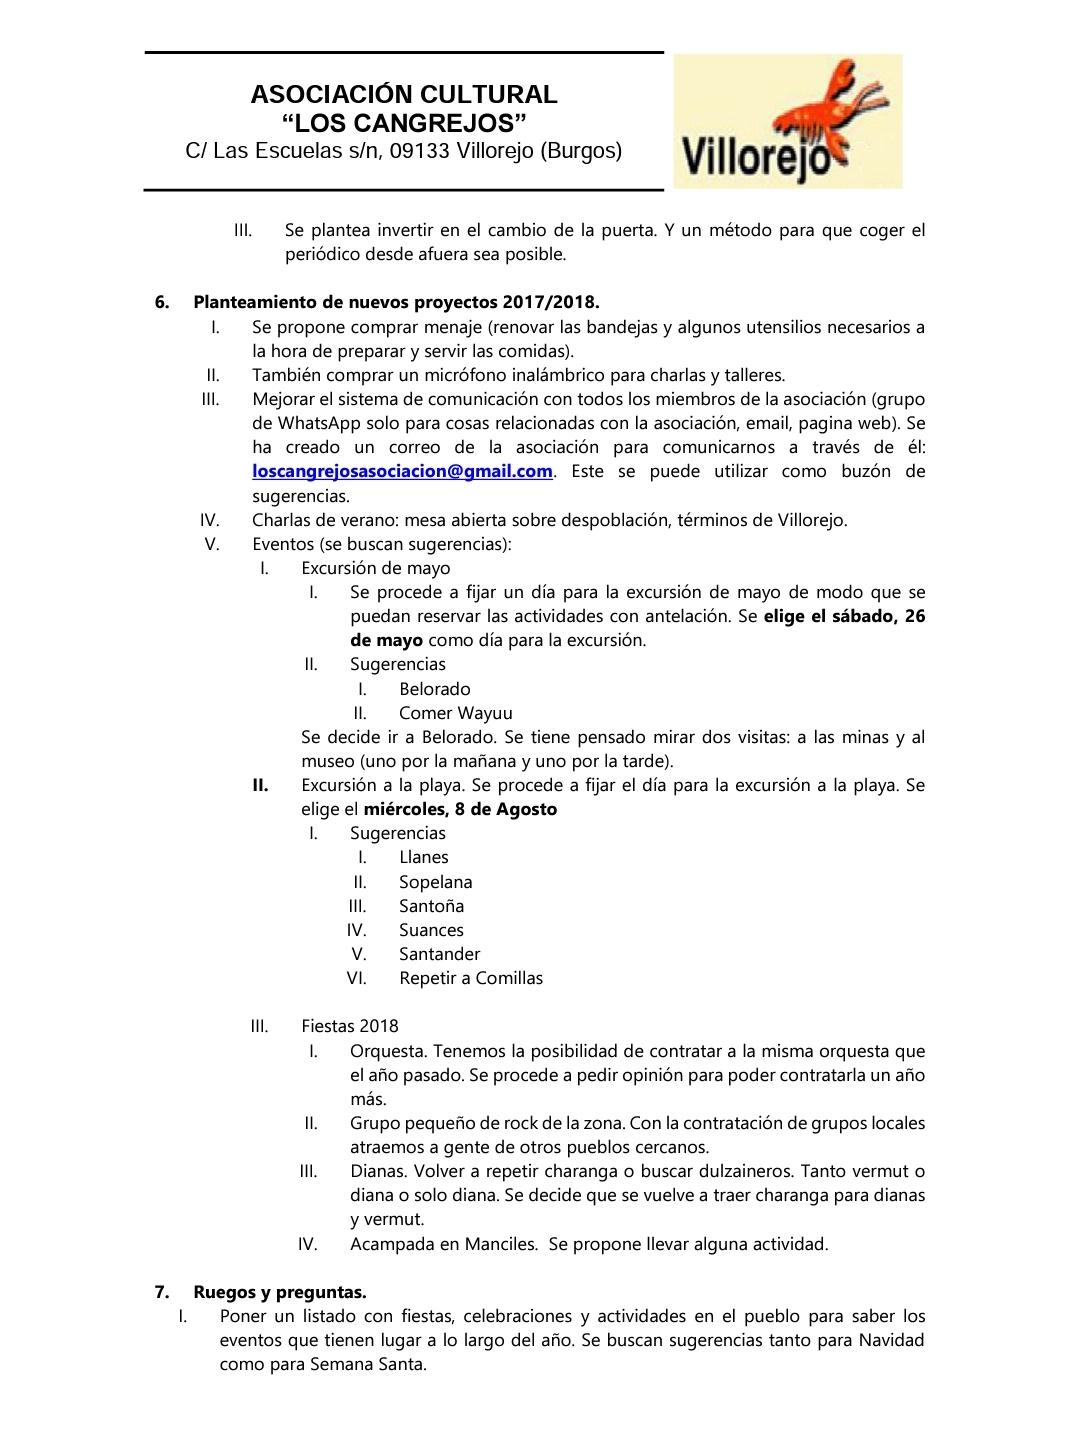 Acta-Reunión-Asociación-01-11-17-2.jpg